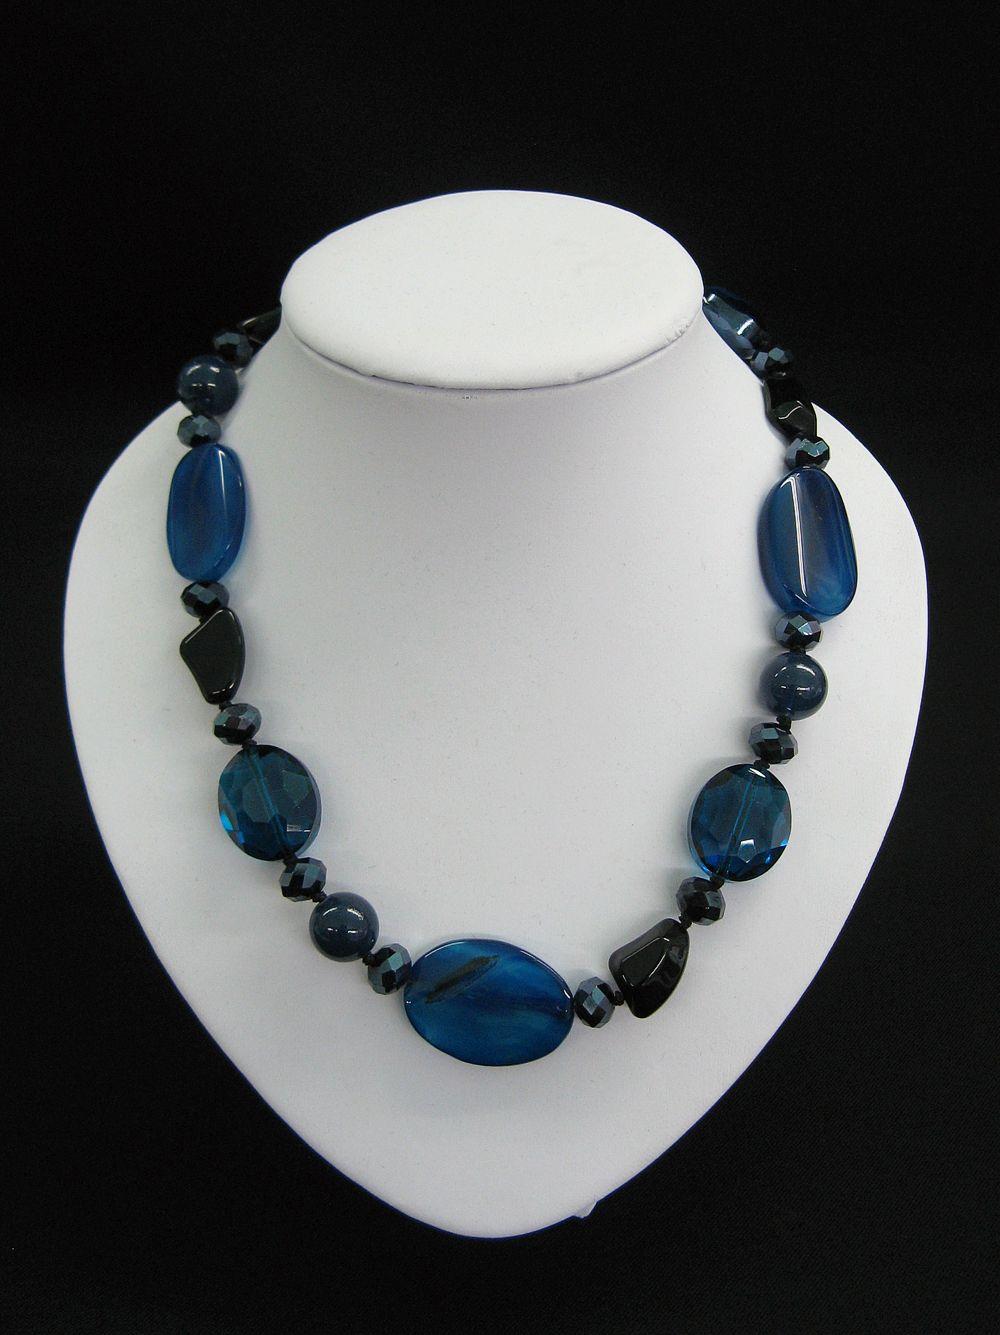 Halskette mit Edelsteinen in blau